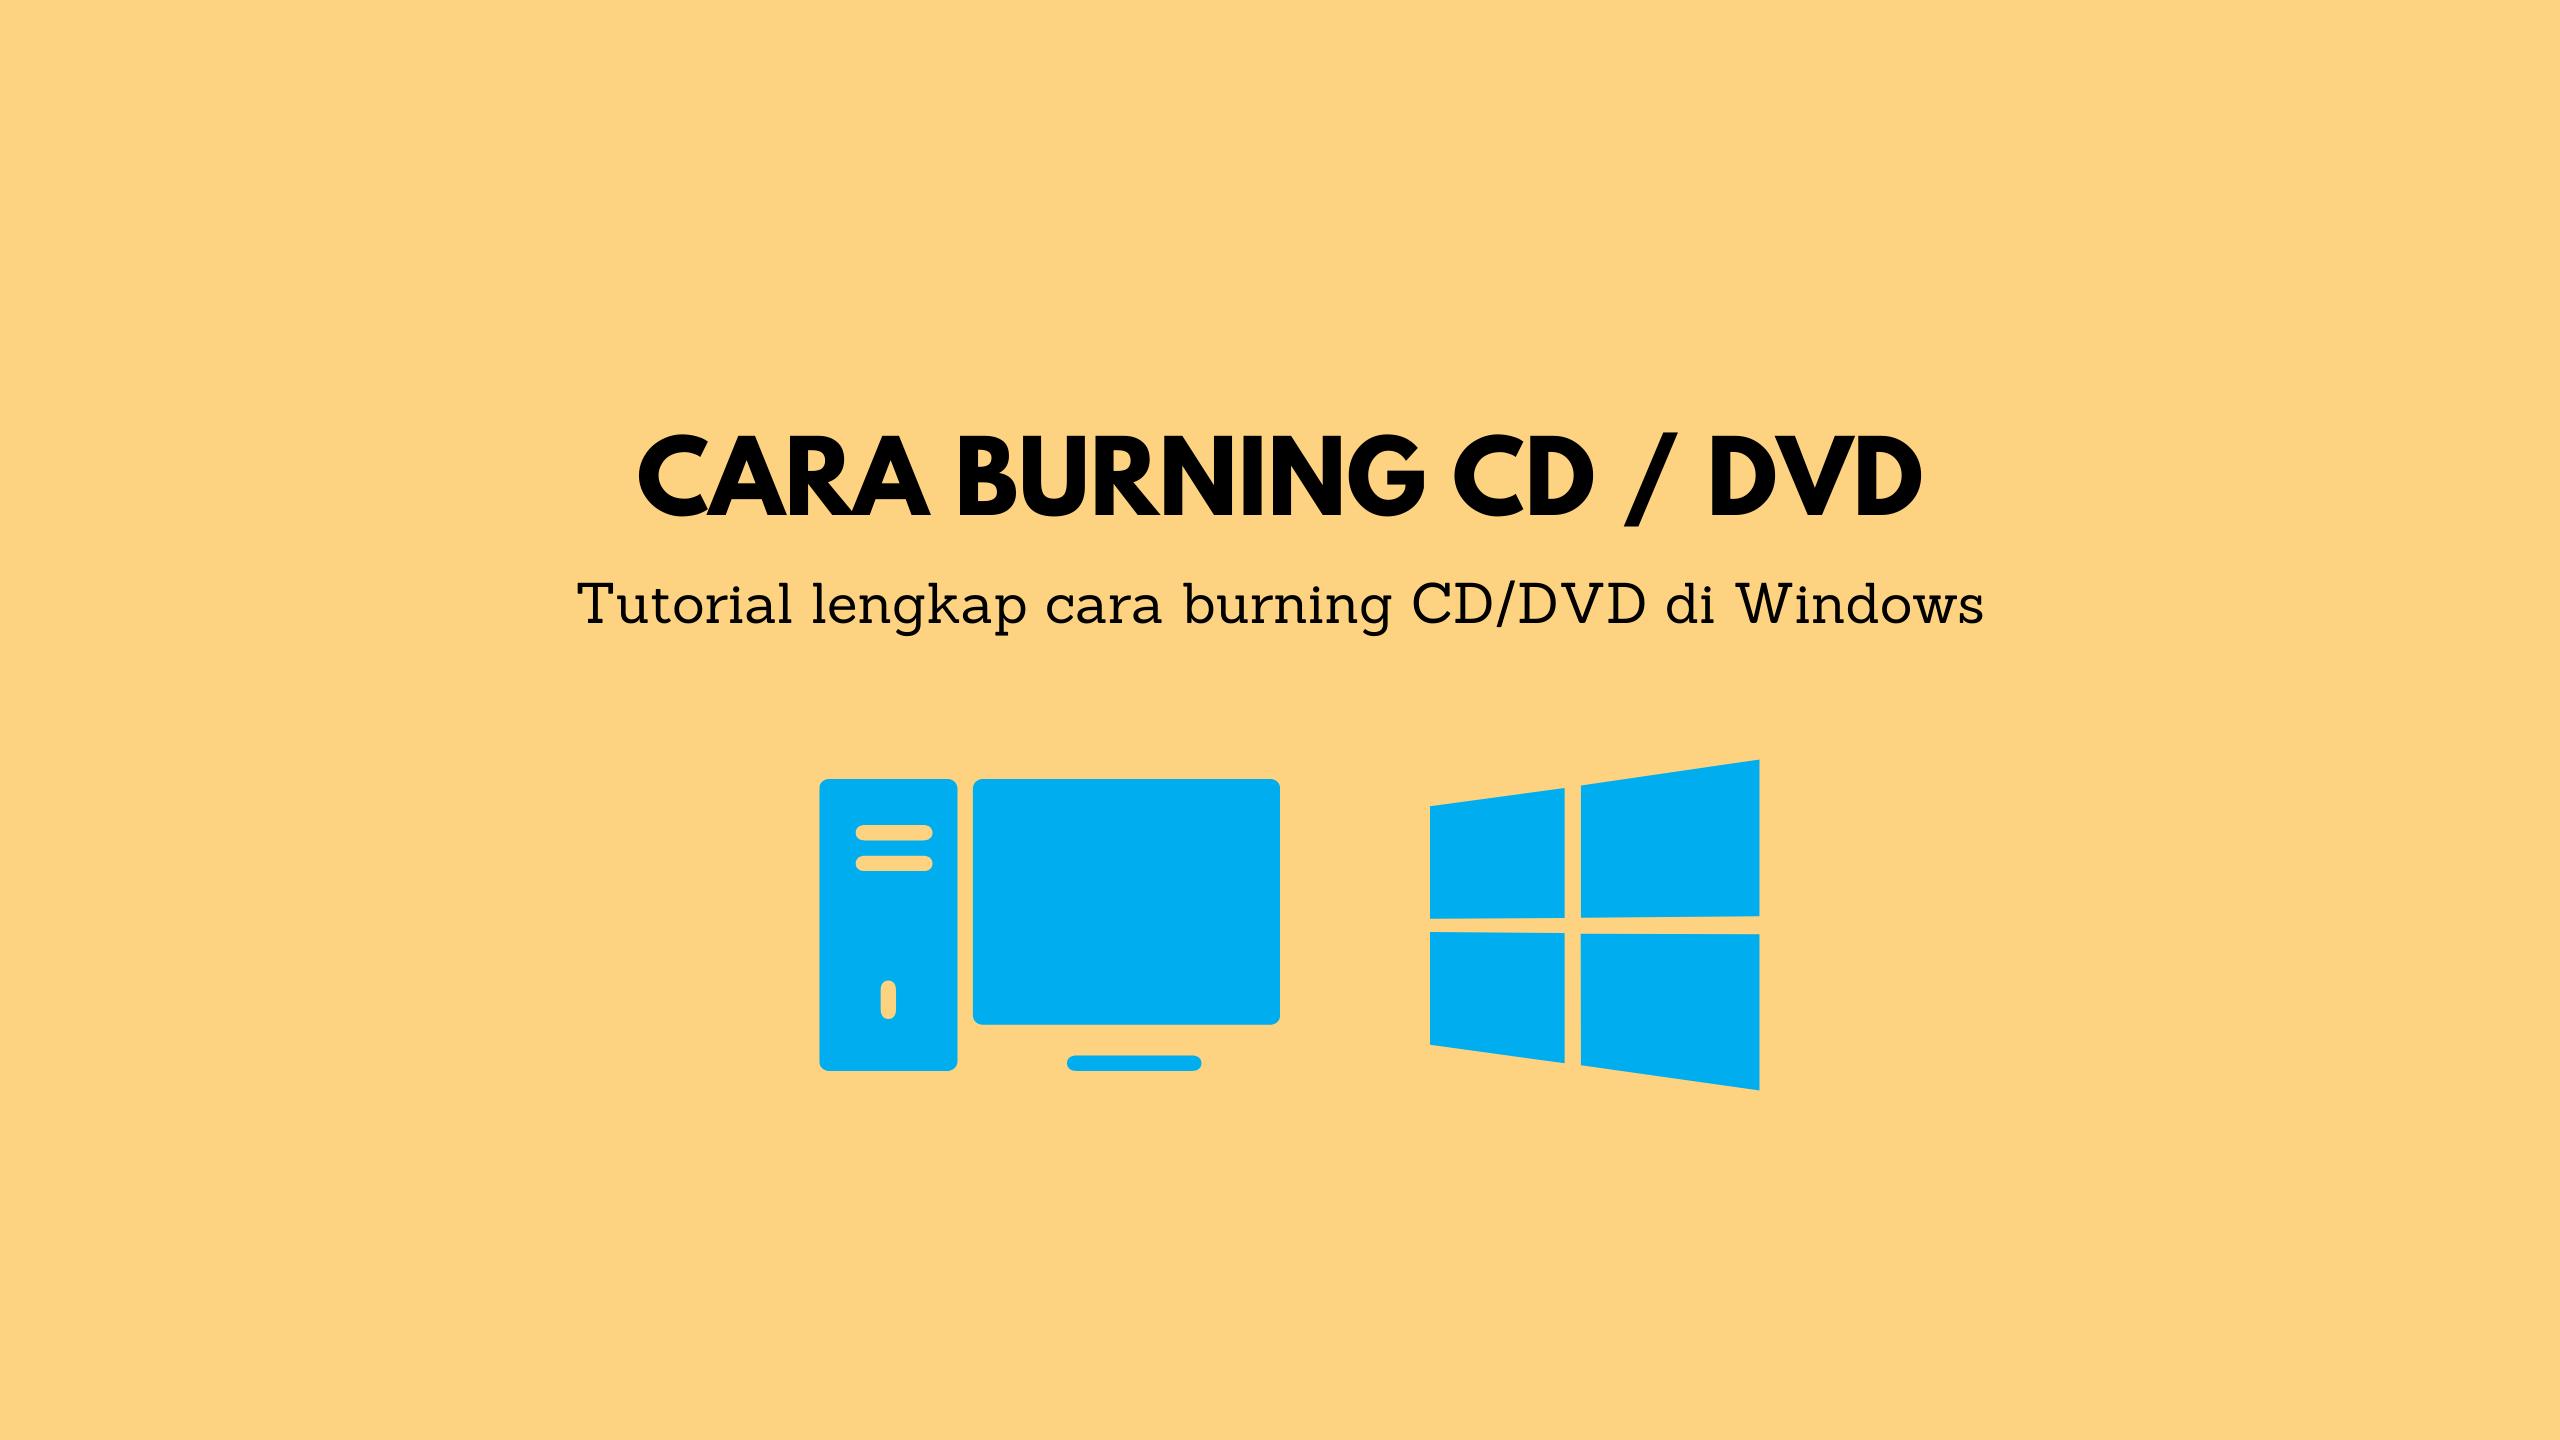 4 Cara Burning Cd Atau Dvd Praktis Tanpa Aplikasi